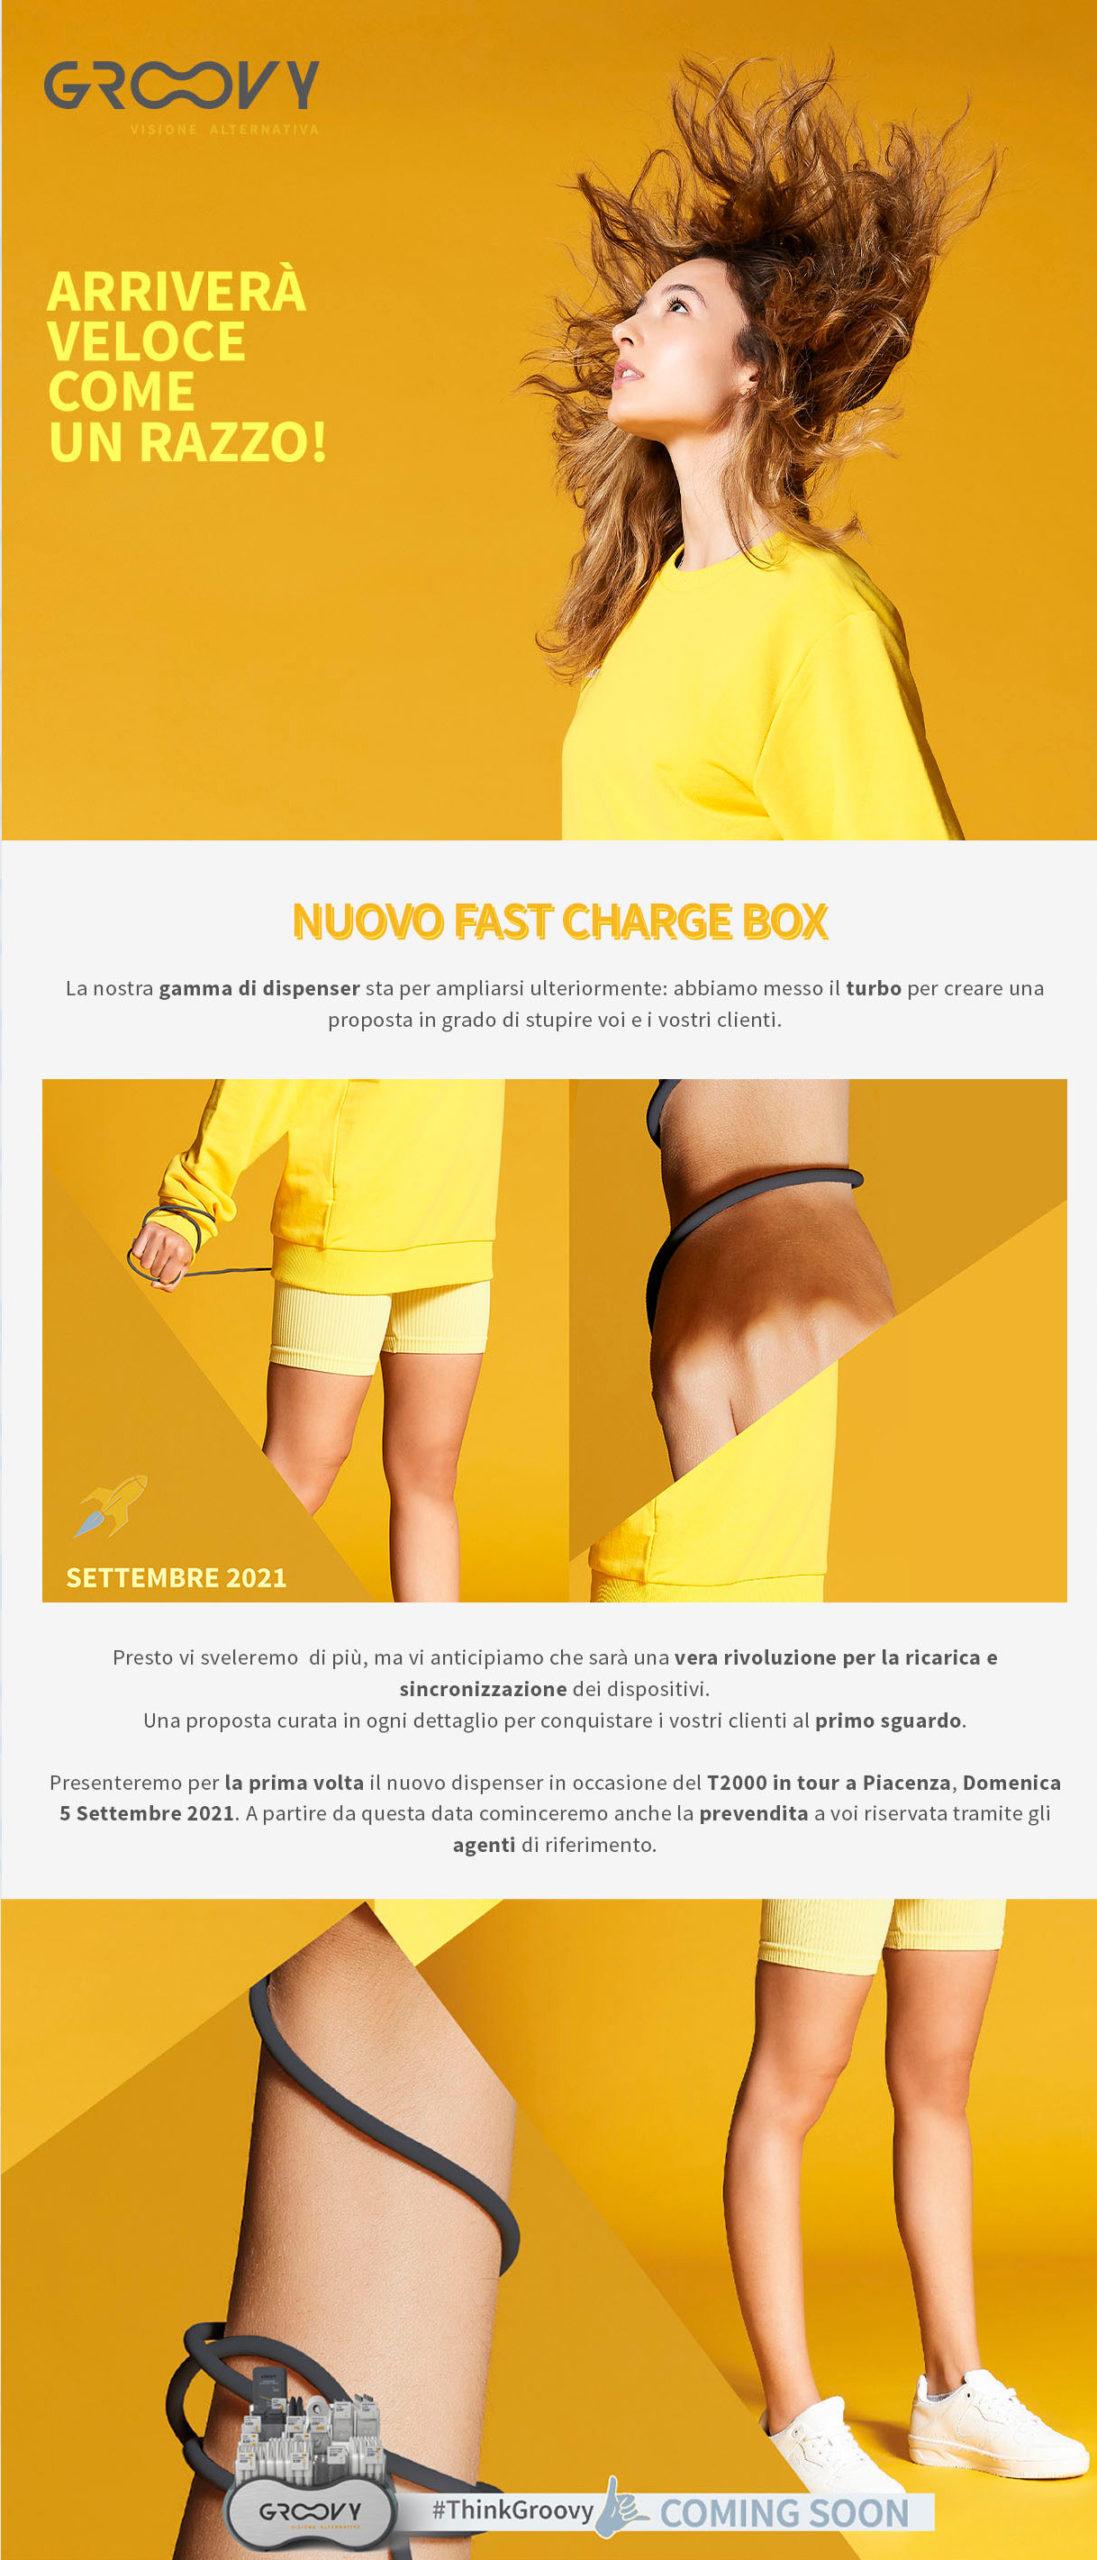 Presenteremo per la prima volta il nuovo dispenser in occasione del T2000 in tour a Piacenza, Domenica 5 Settembre 2021. A partire da questa data cominceremo anche la prevendita a voi riservata tramite gli agenti di riferimento.